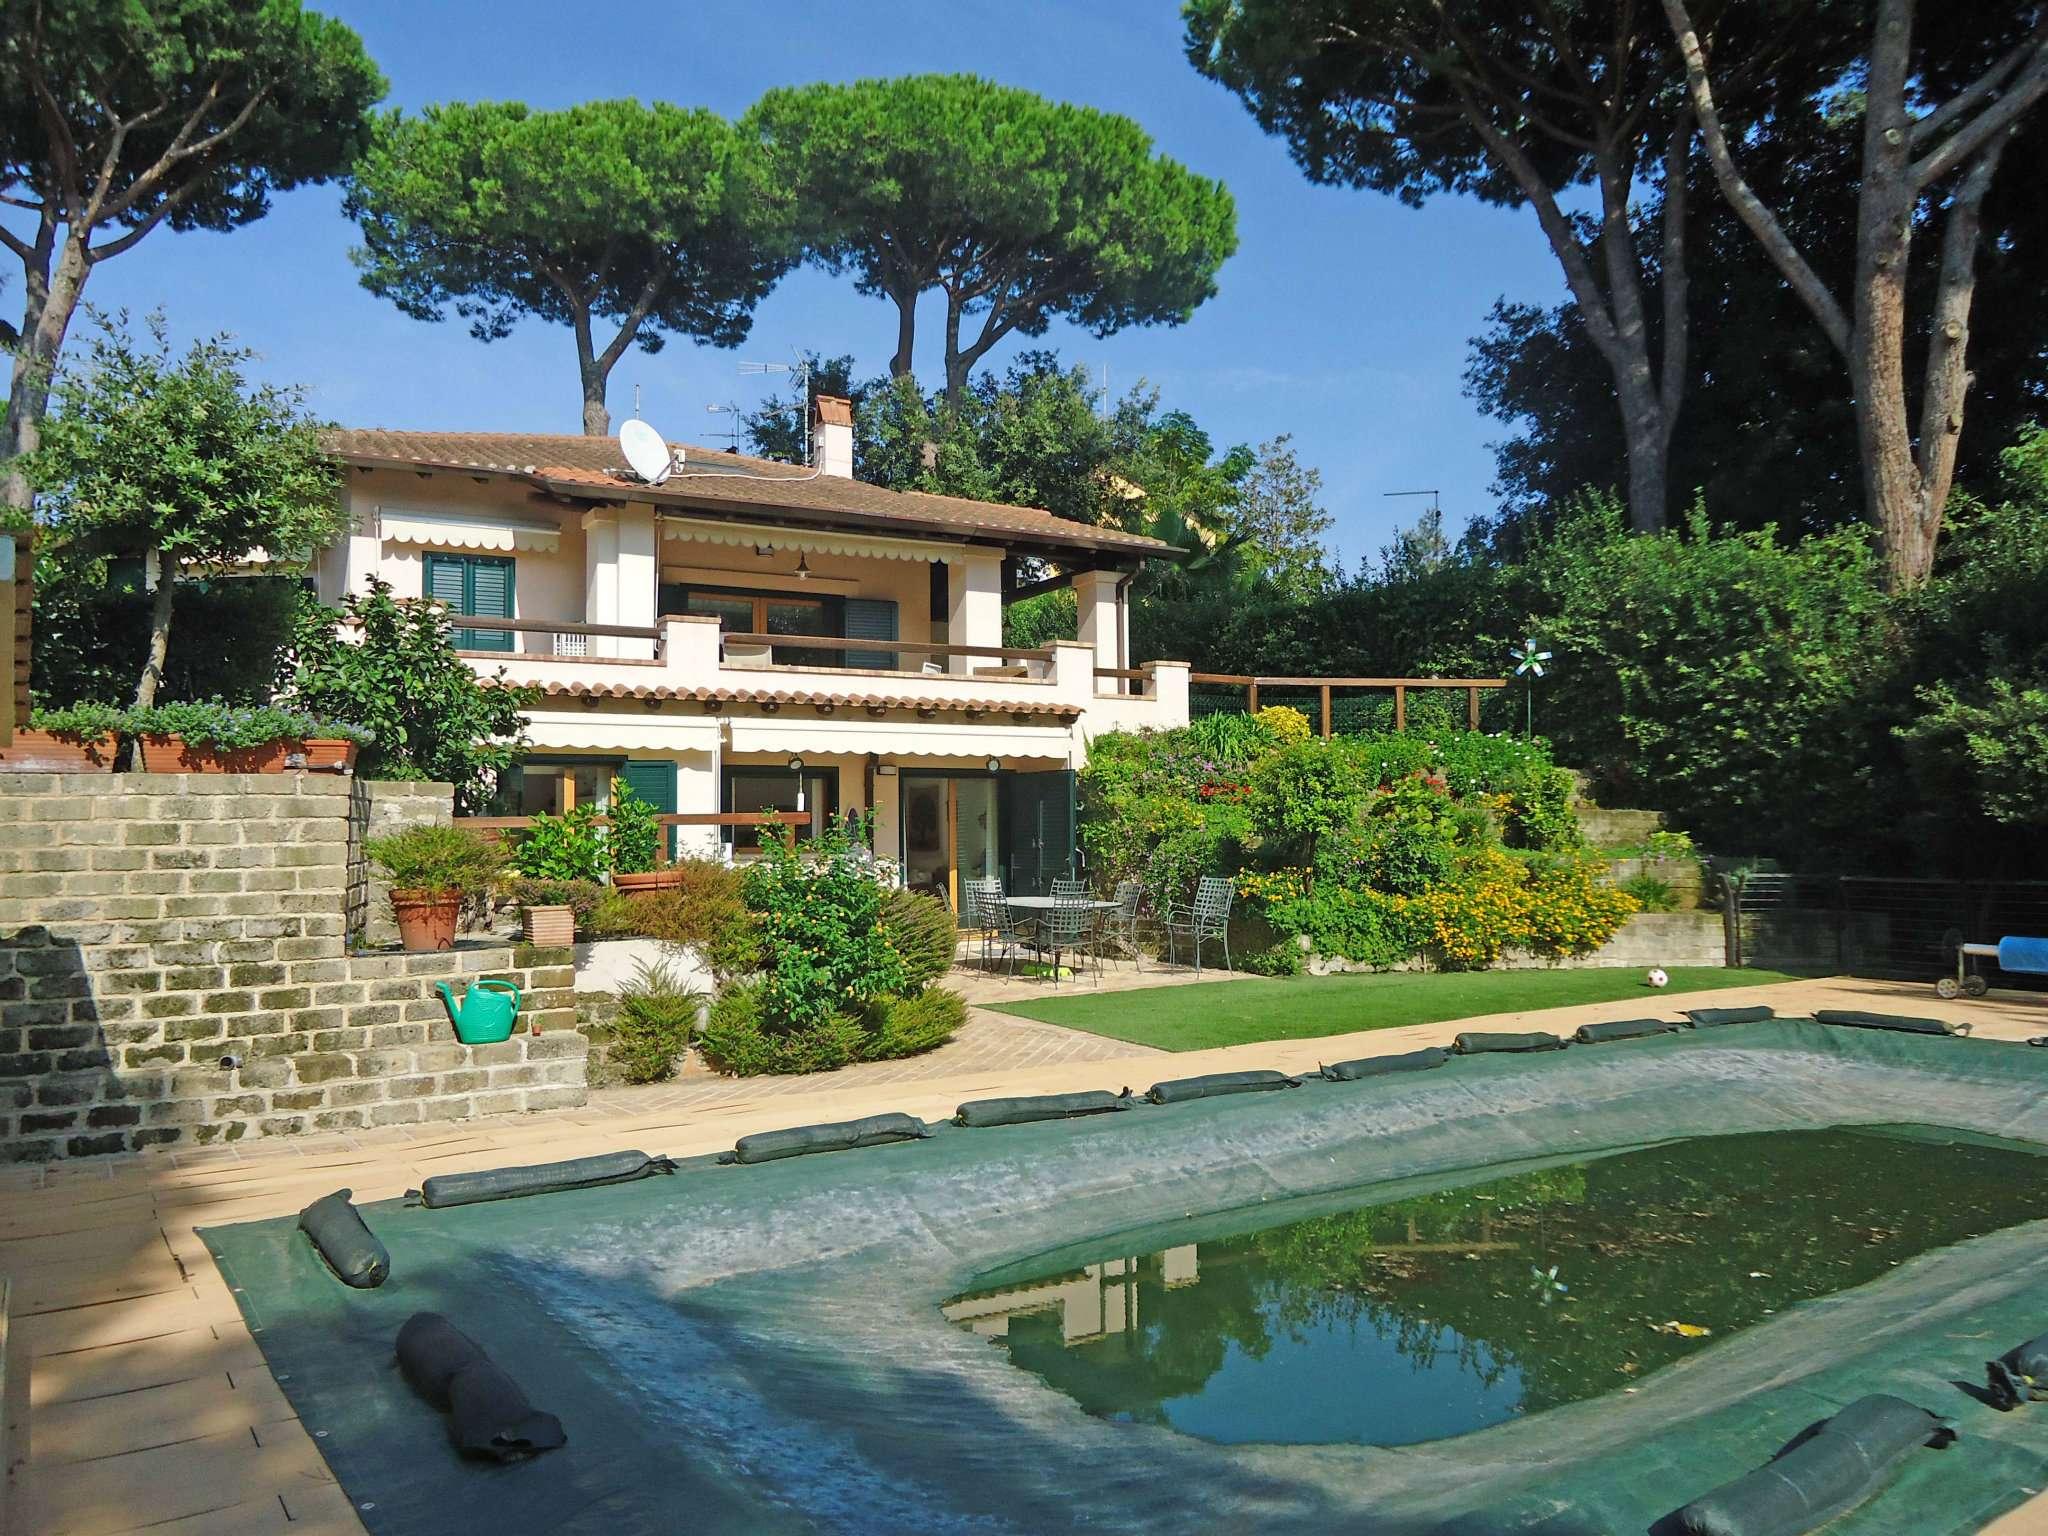 Villa Di Charme Con Piscina Sul Lago In Posizione Centrale Iodice Immobiliare Srl